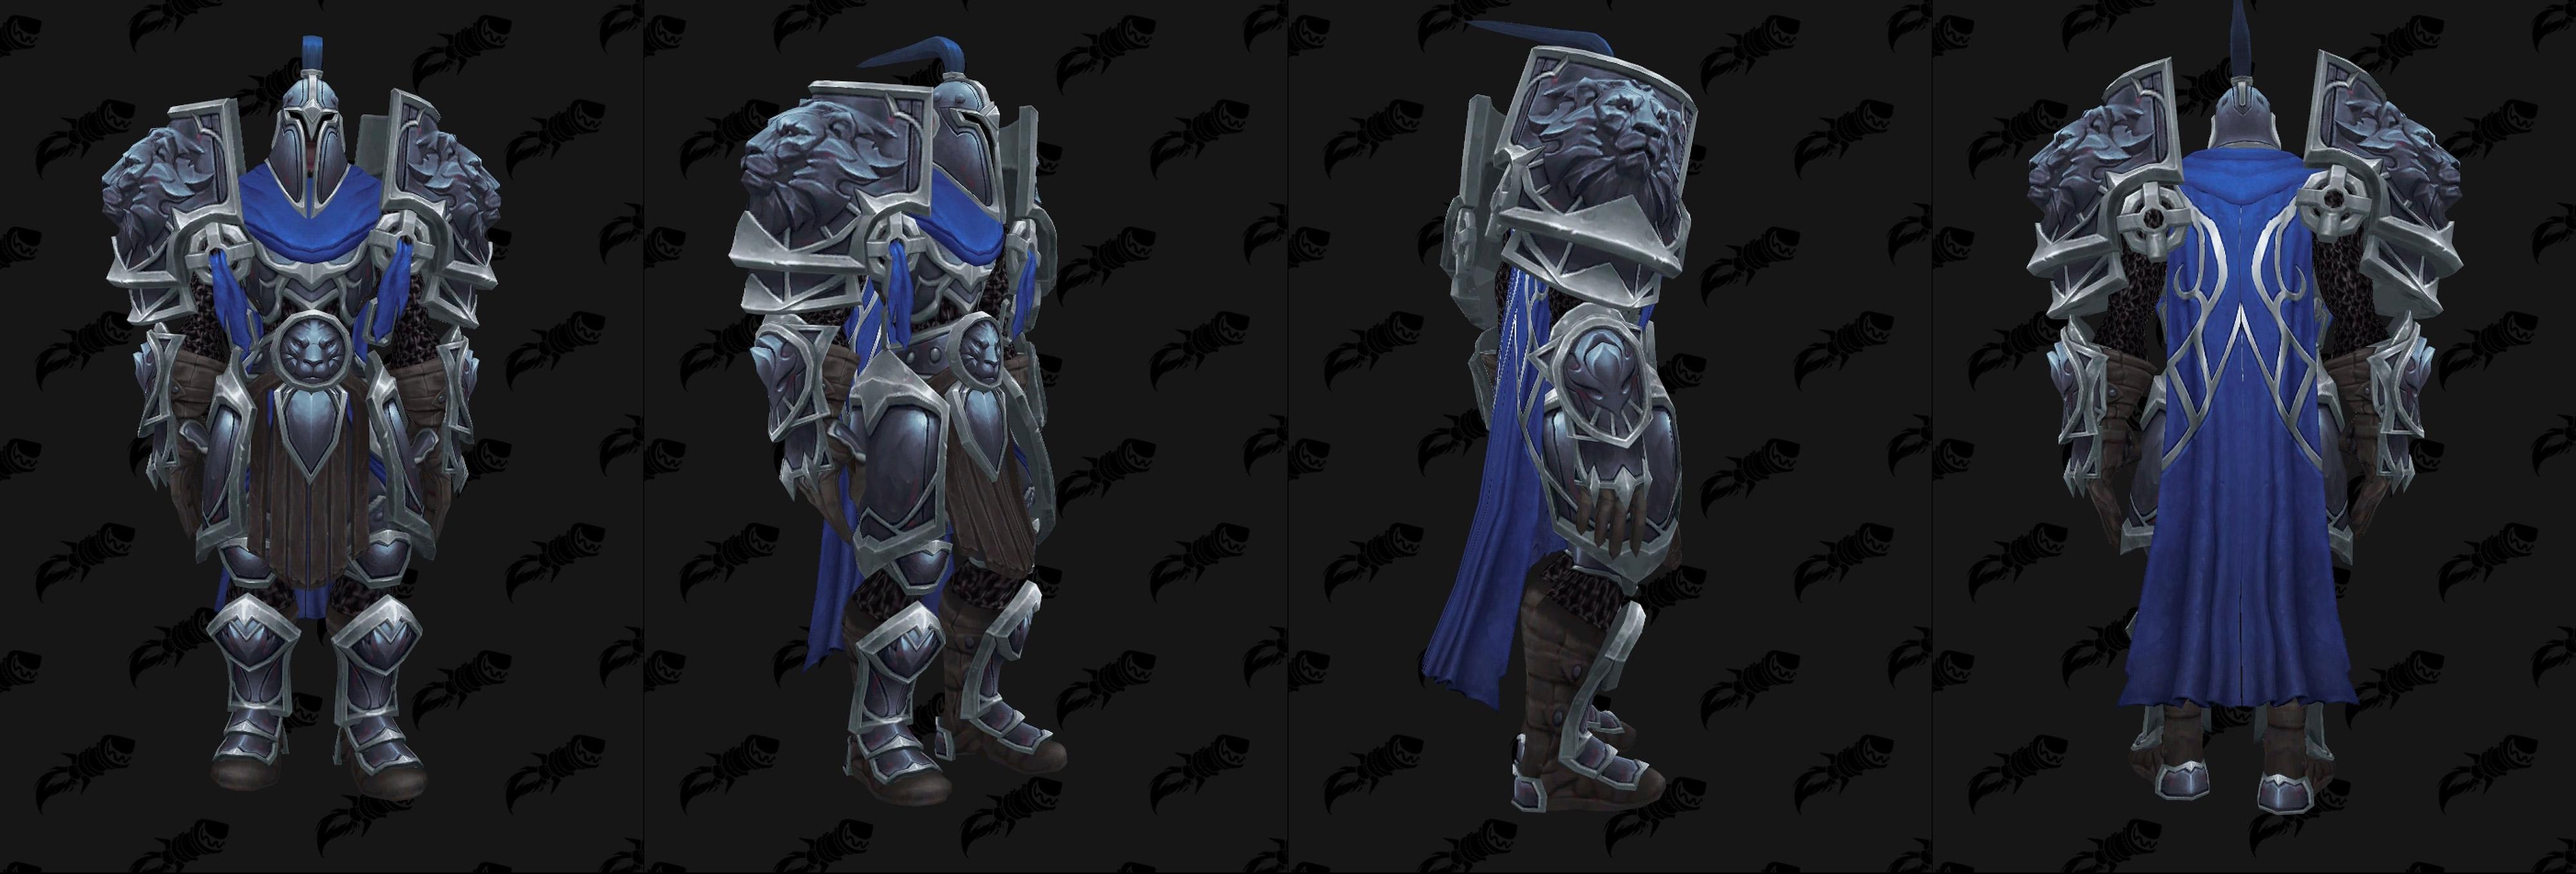 Armures plaques (Alliance) - Fronts de guerre Tier 3 - Coloris 3